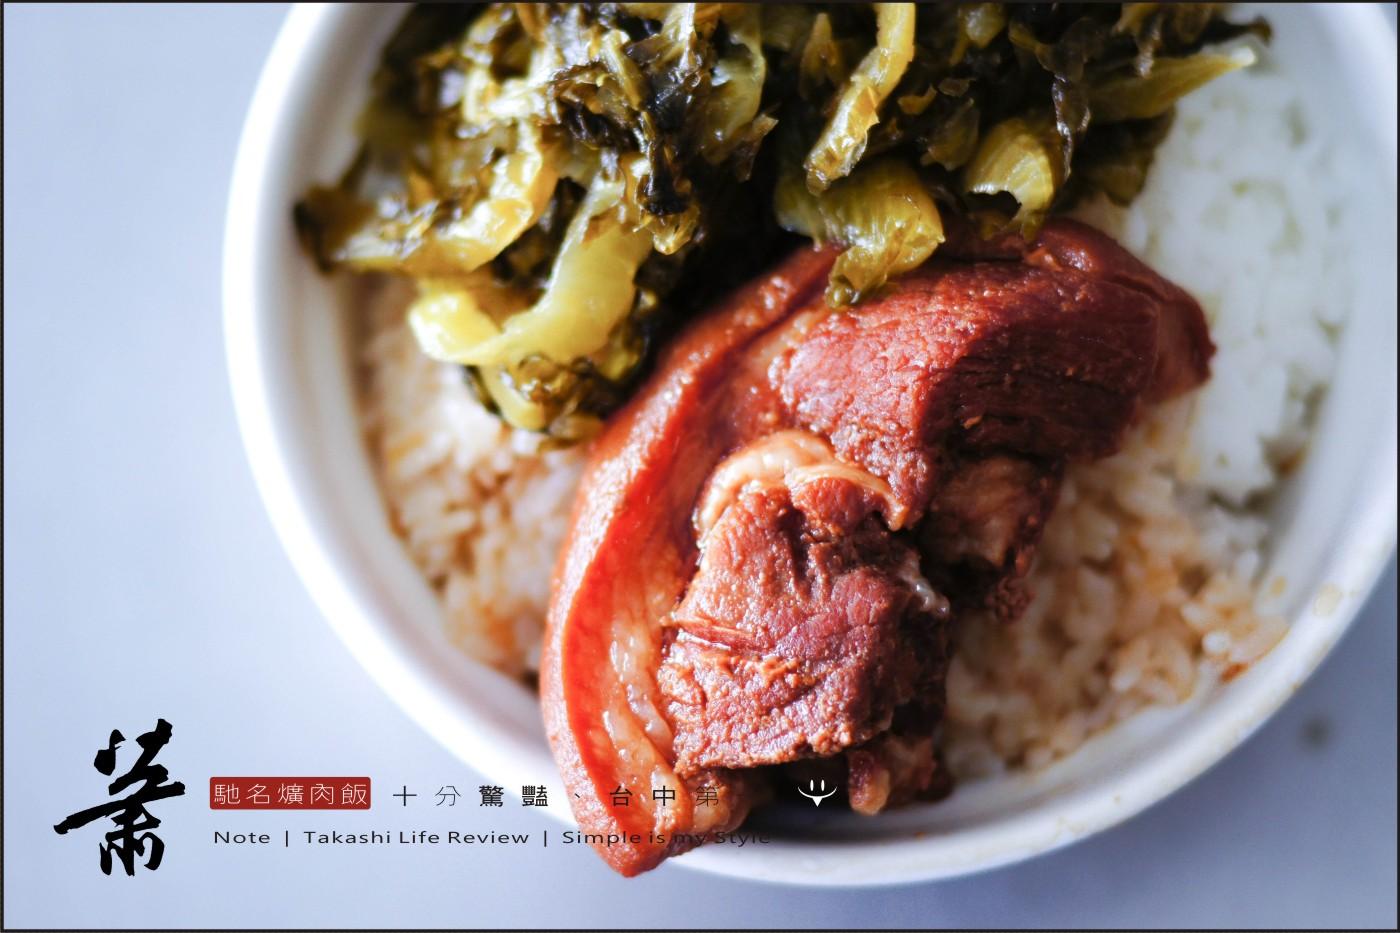 台中大智路-蕭-爌肉飯-1.jpg